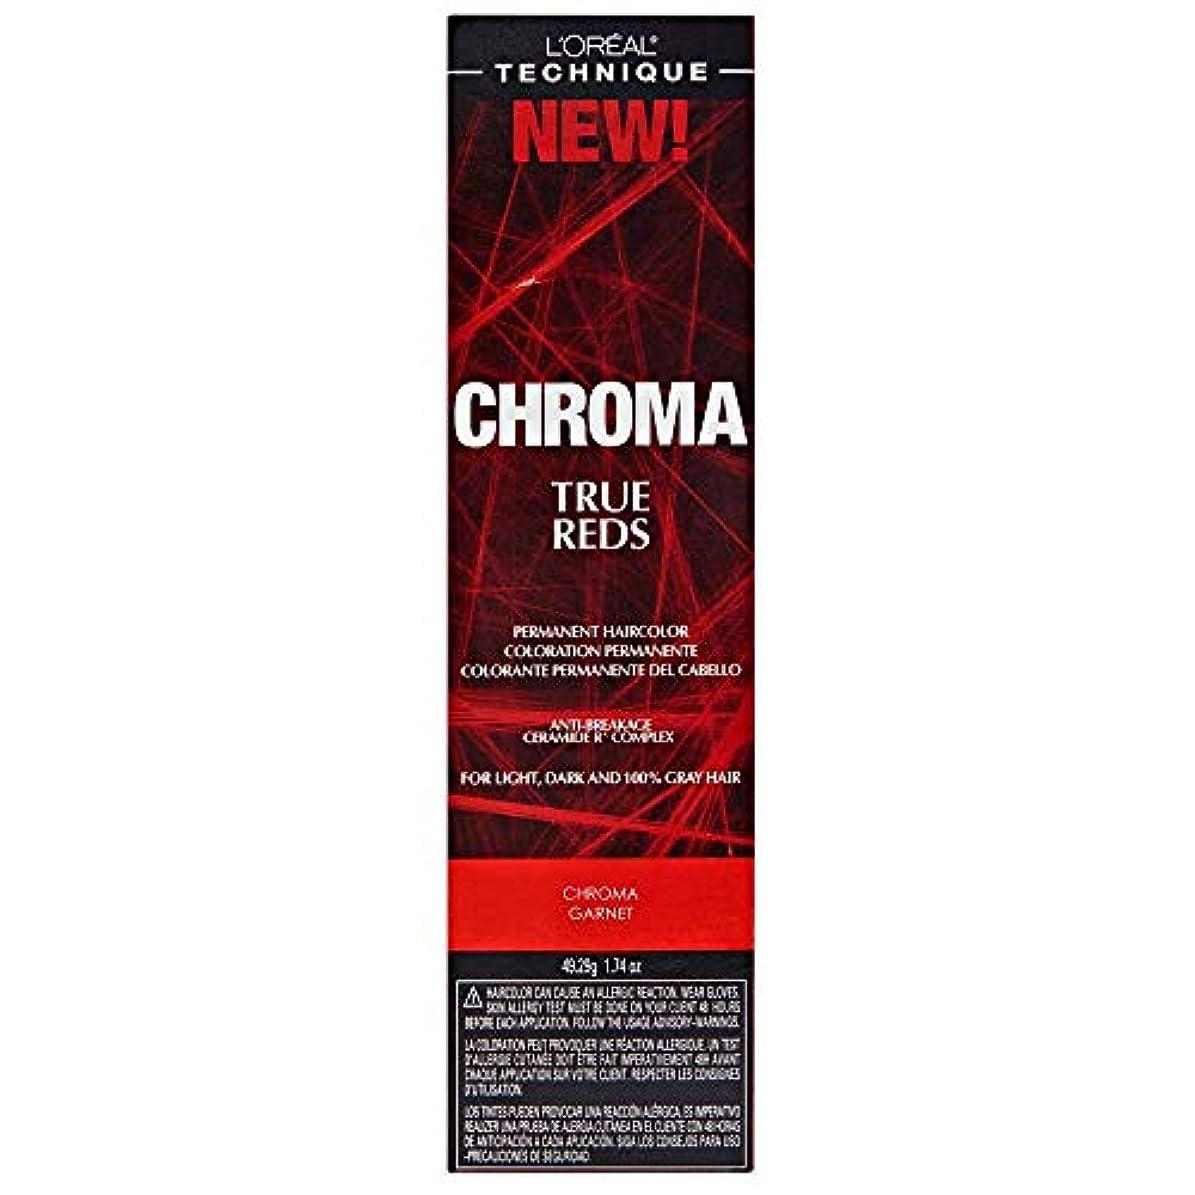 違反未知の静けさL'Oreal Technique Chroma True Reds - Chroma Garnet - 1.74oz / 49.29g